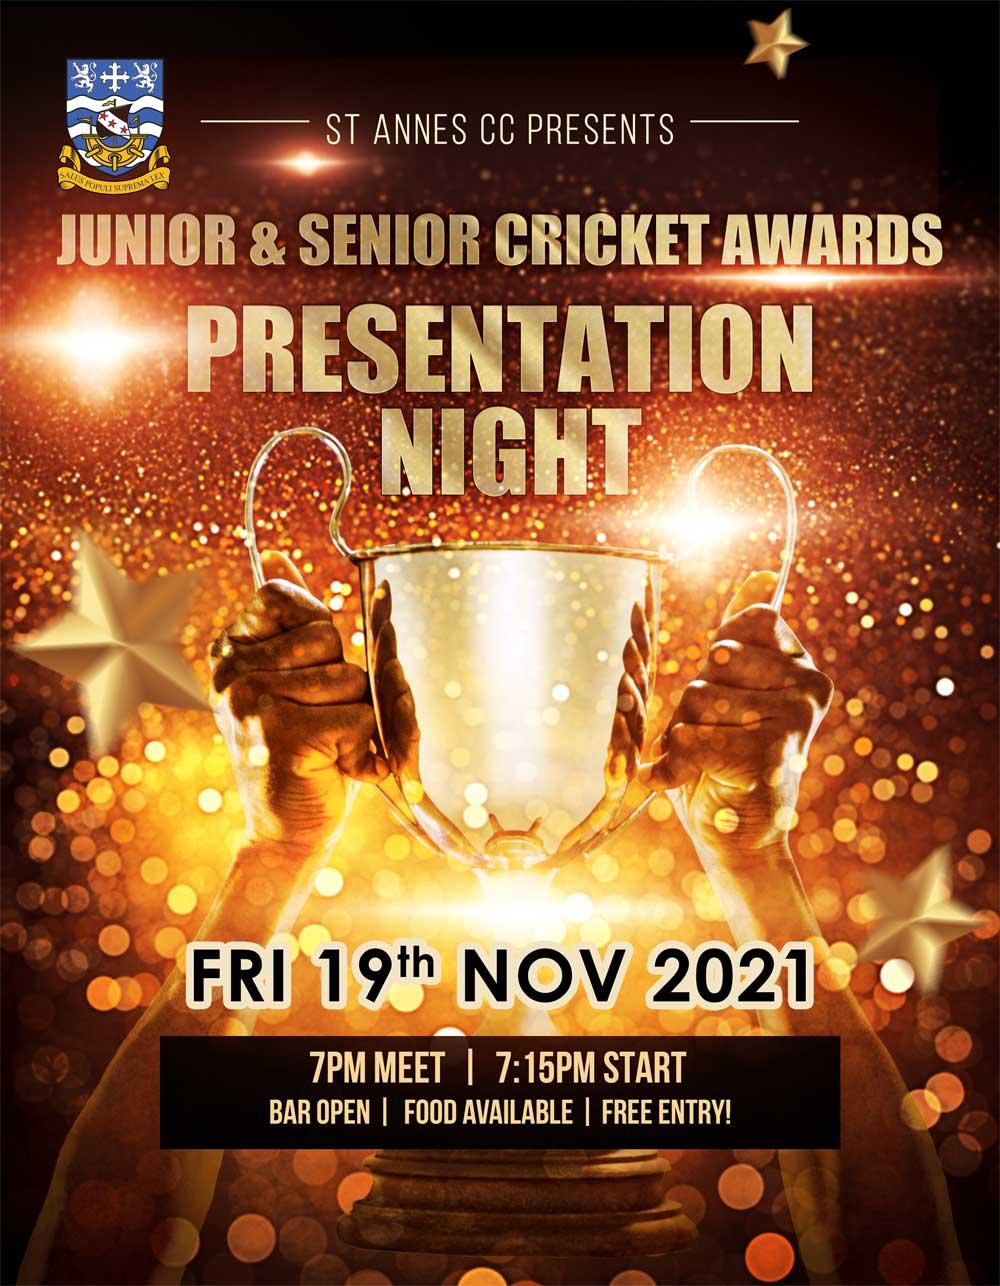 Junior & Senior Cricket Awards Presentation Night at St Annes CC